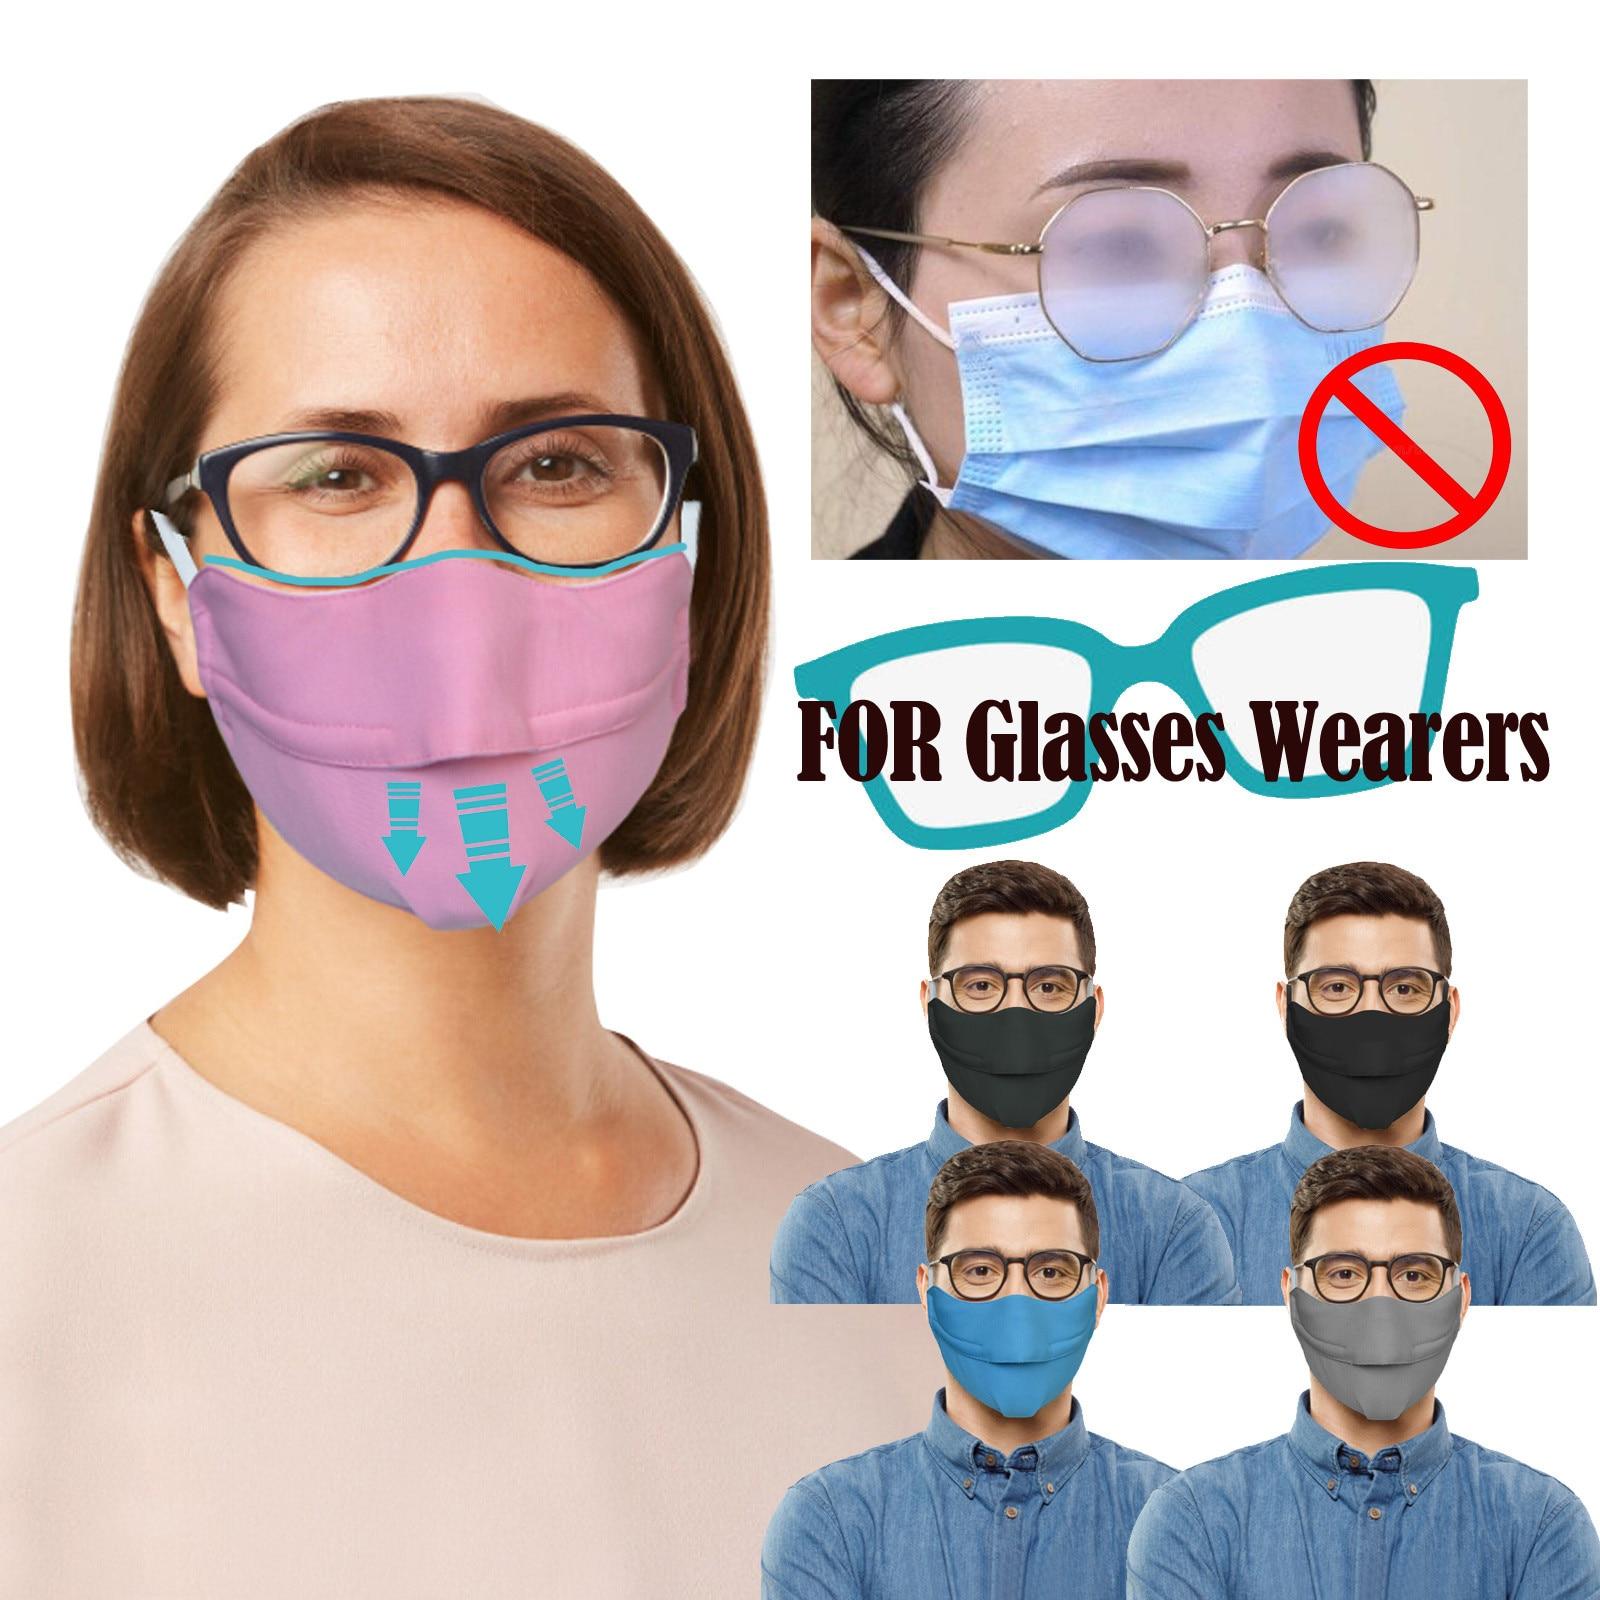 Многоразовая маска для рта маска для лица из дышащего материала моющиеся колпачки для рта защитная маска для взрослых для людей, держащих очки, предотвращают запотевание|Женские маски|   | АлиЭкспресс